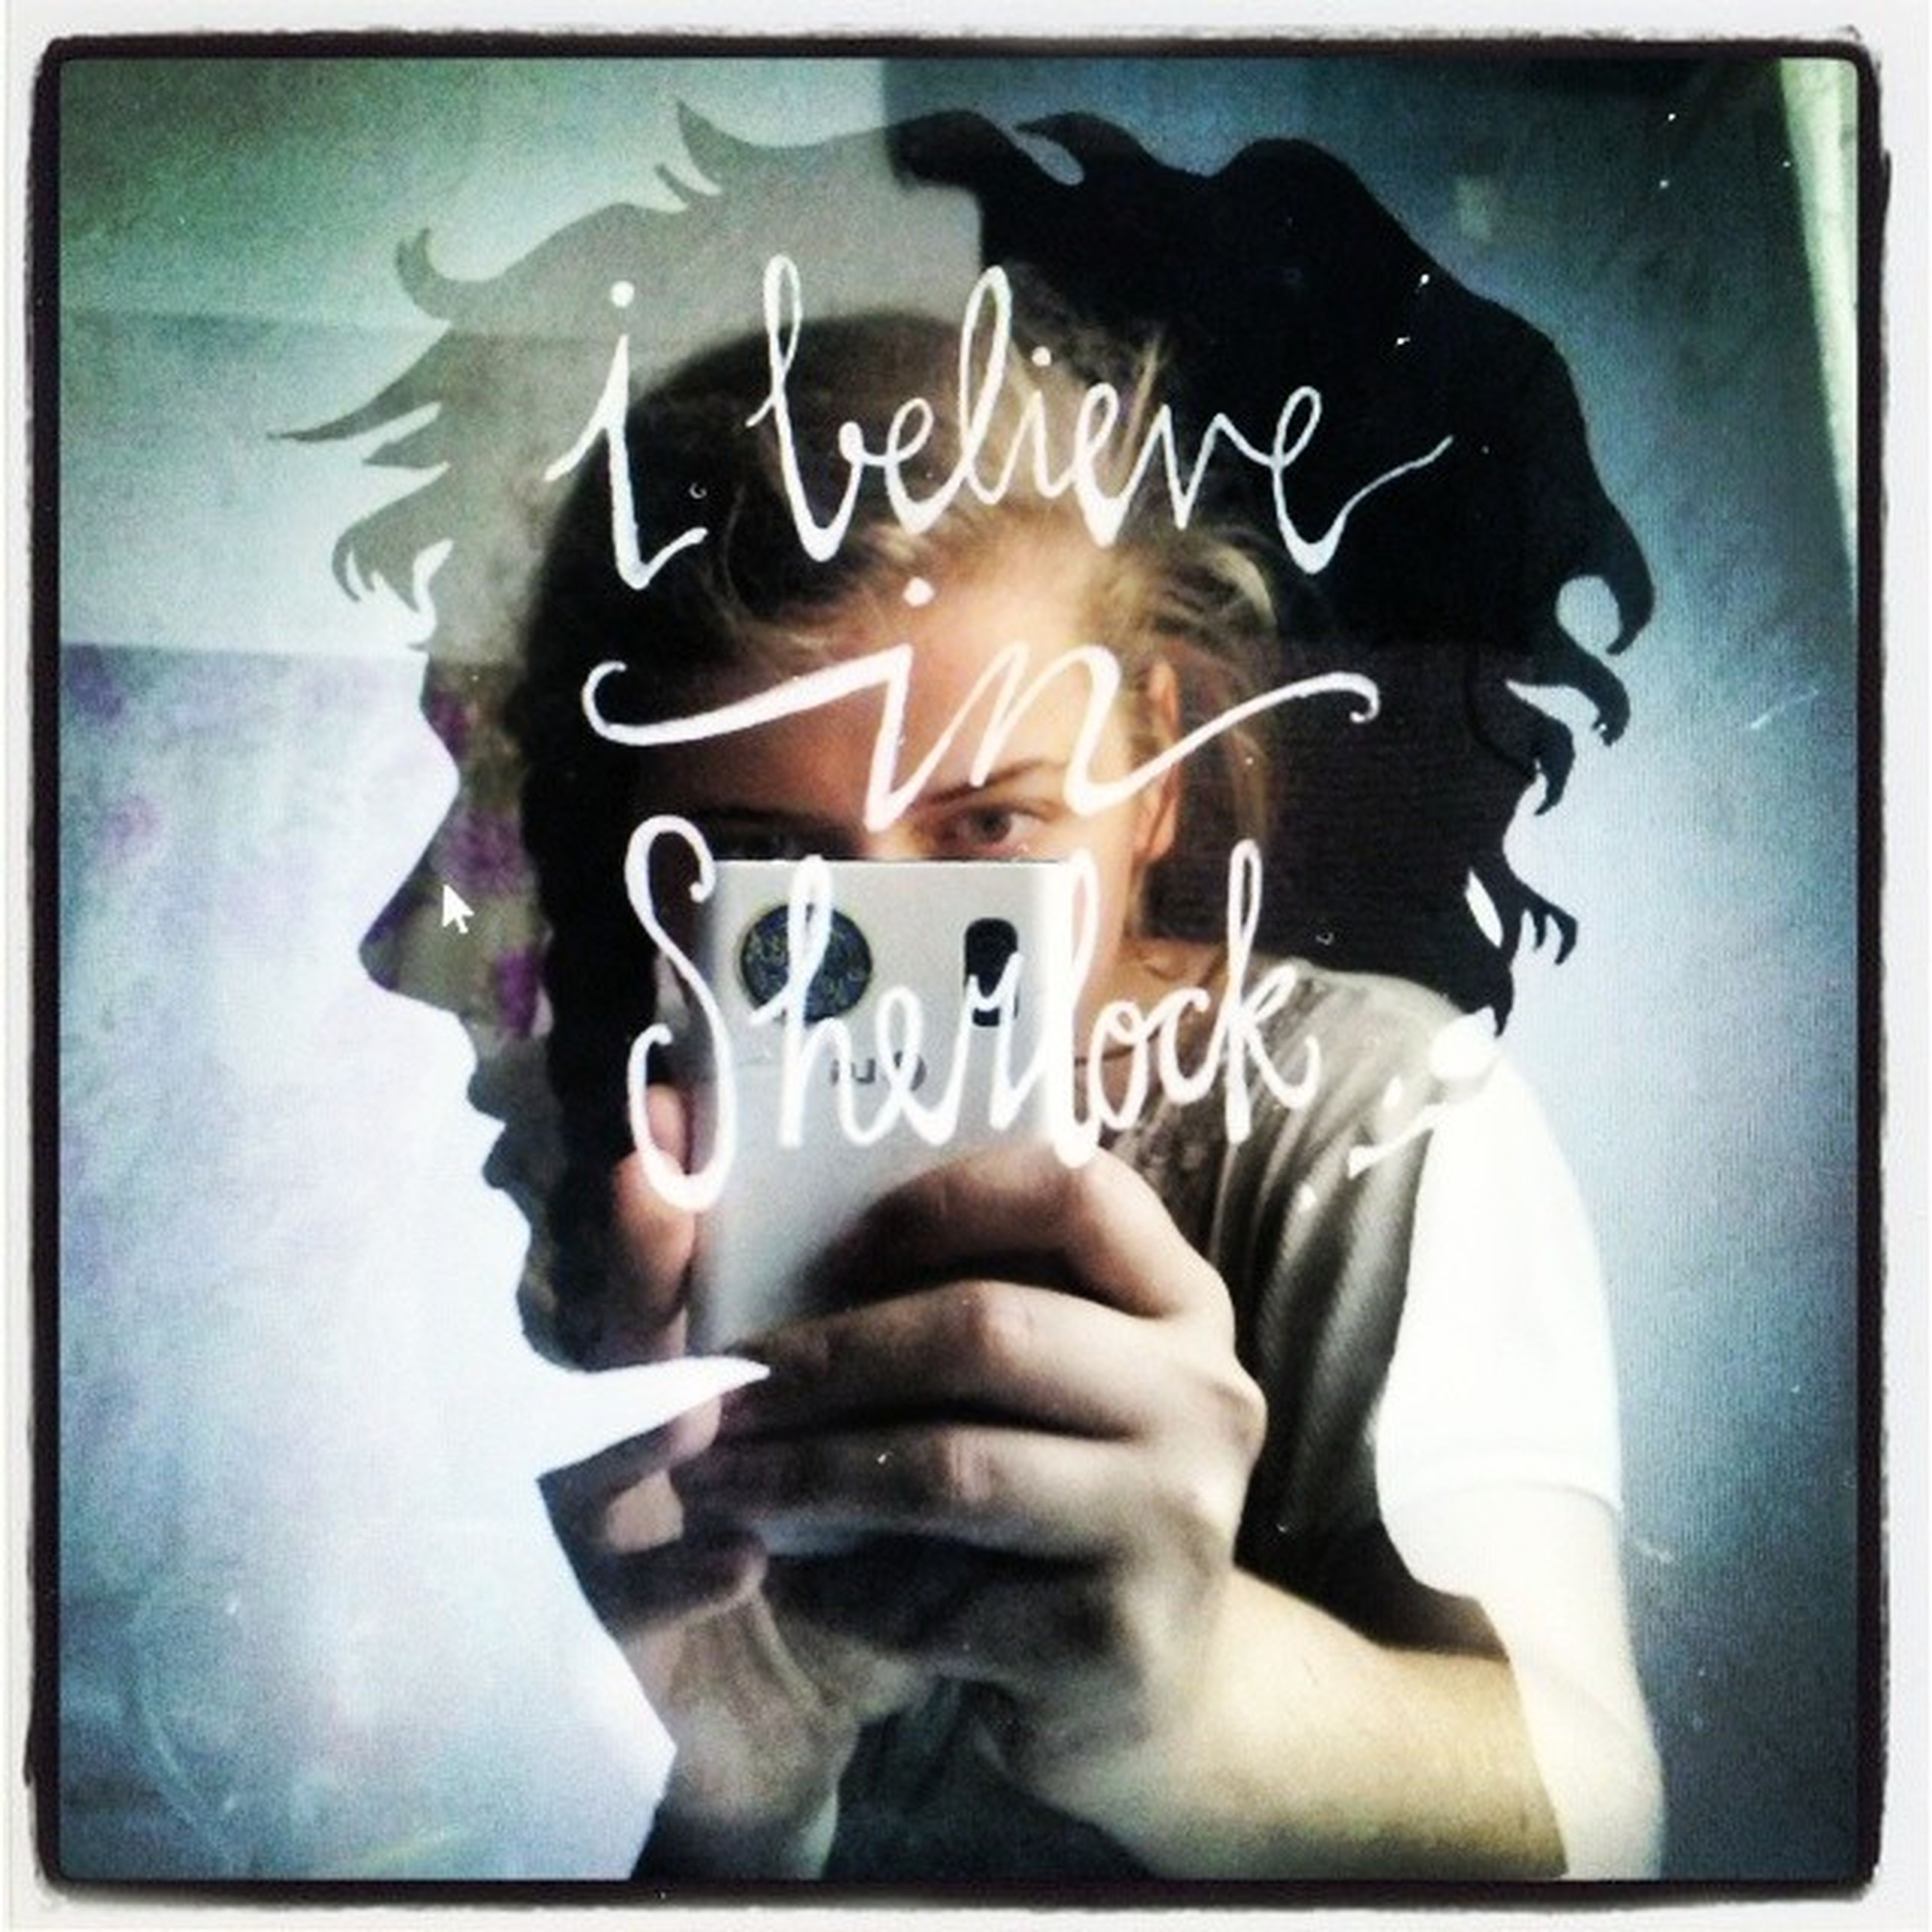 Believe_in_Sherlock Me